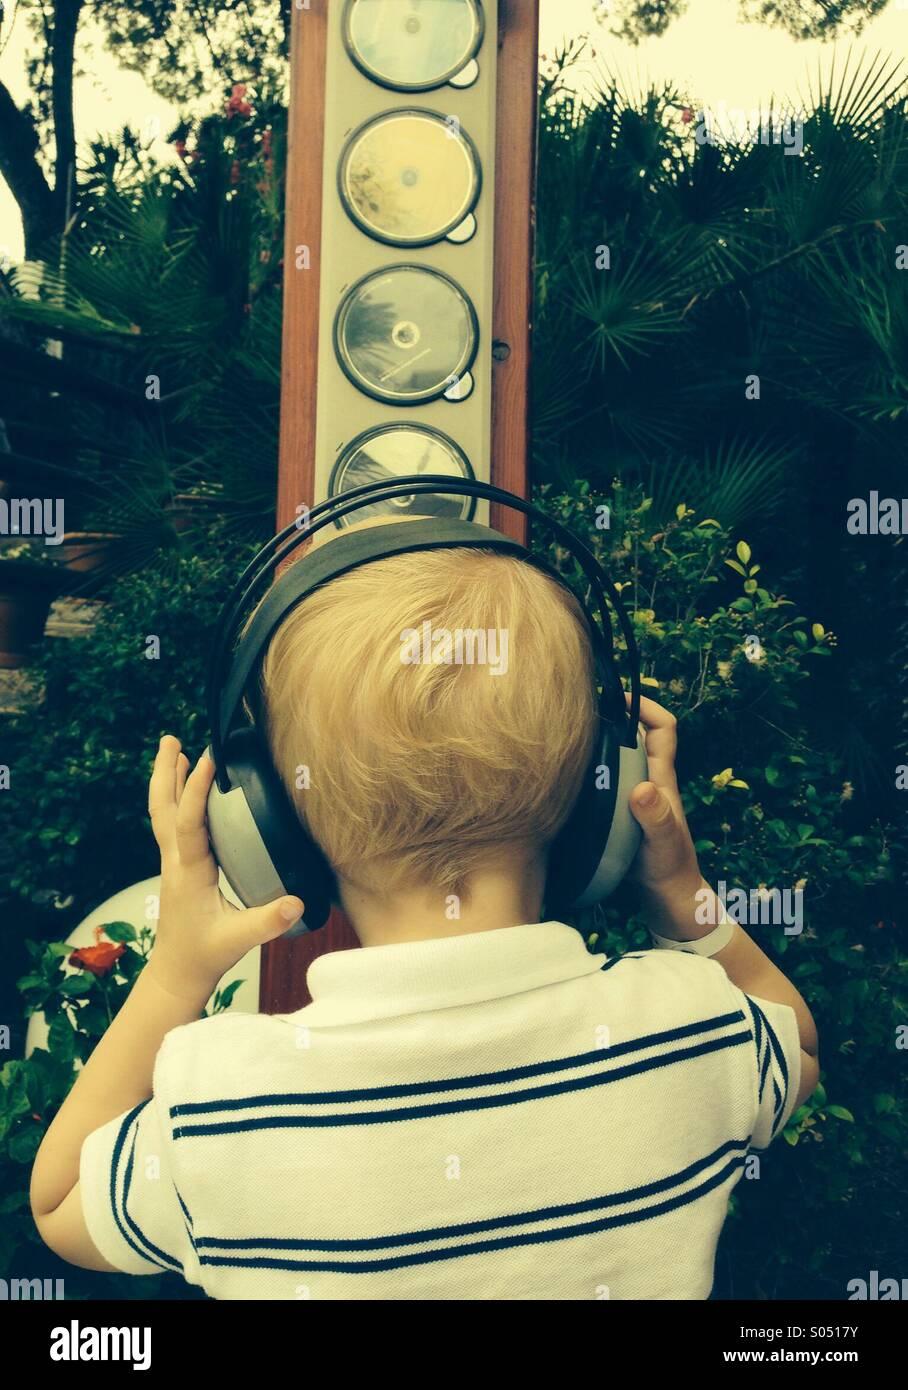 Chico con auriculares para escuchar música Imagen De Stock